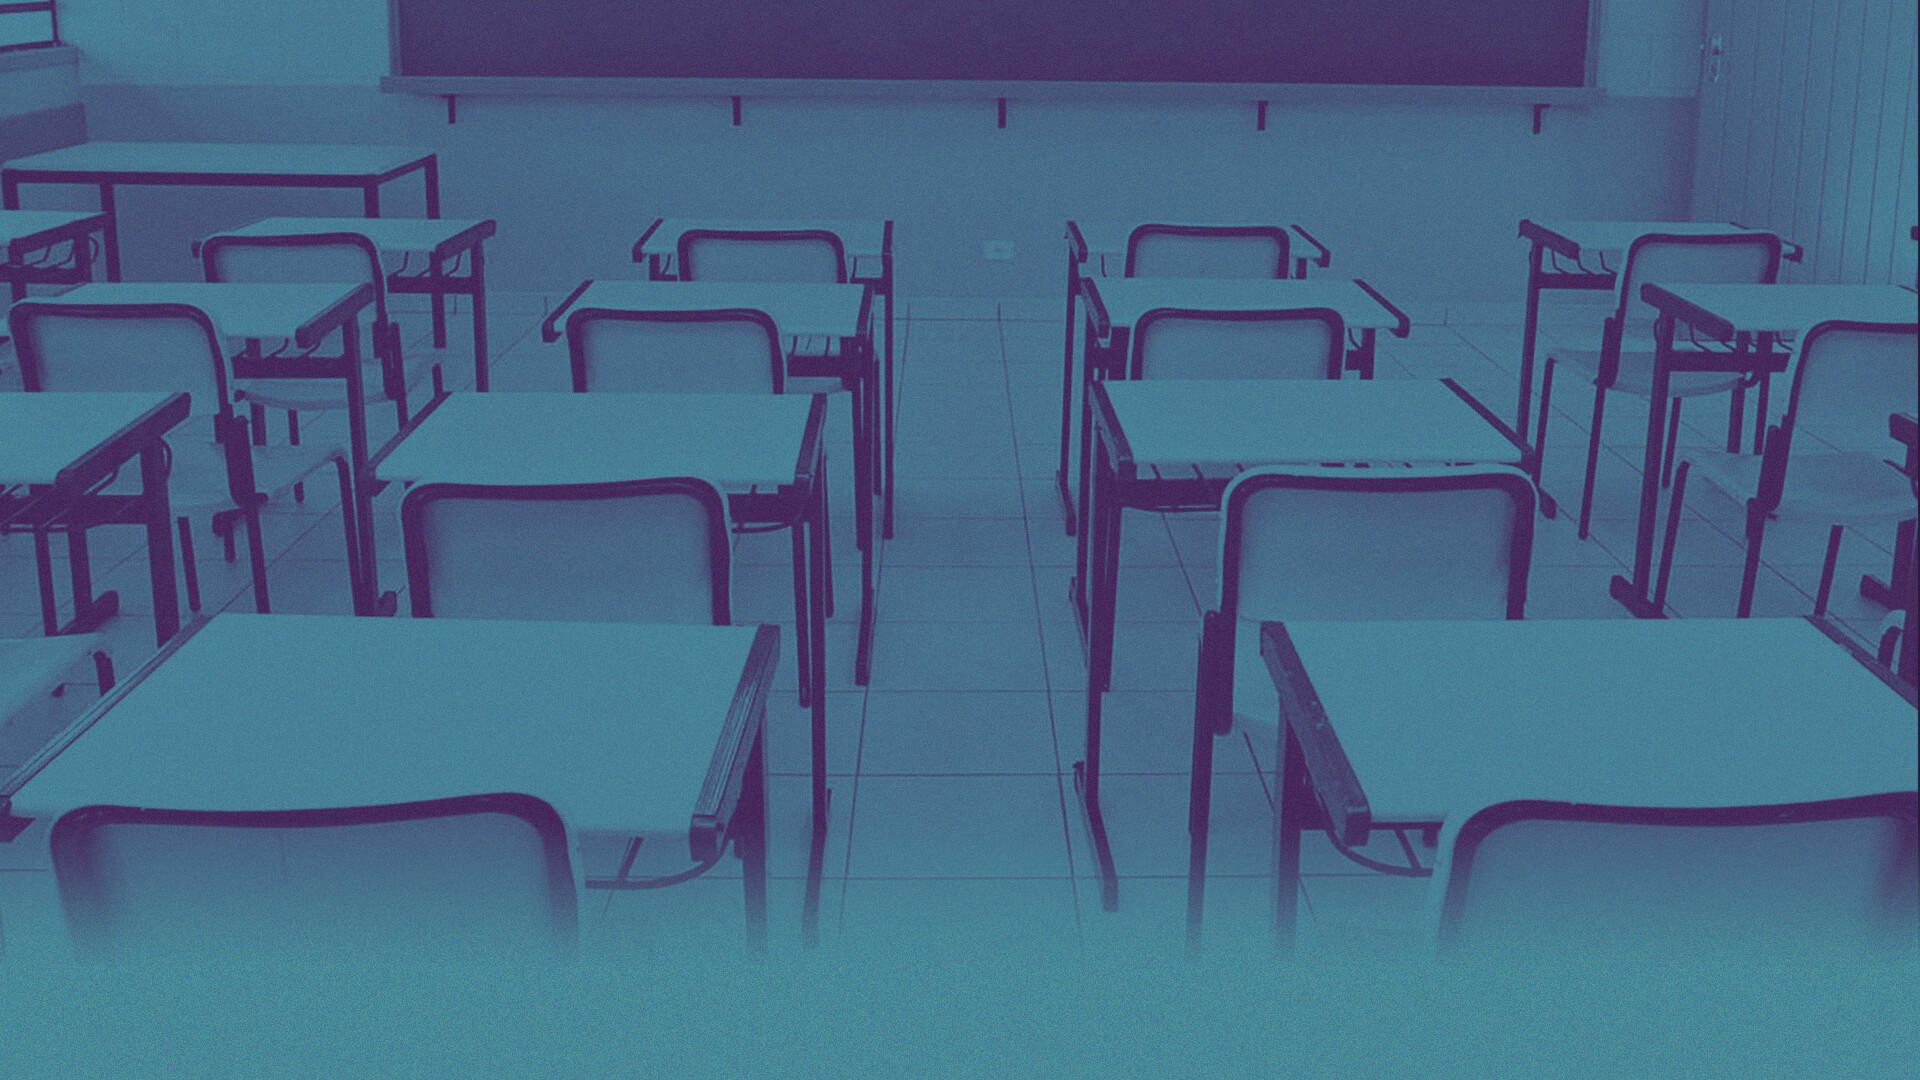 Giannazi oficiou Secretarias de Saúde e Educação contra aulas presenciais de reforço durante a pandemia